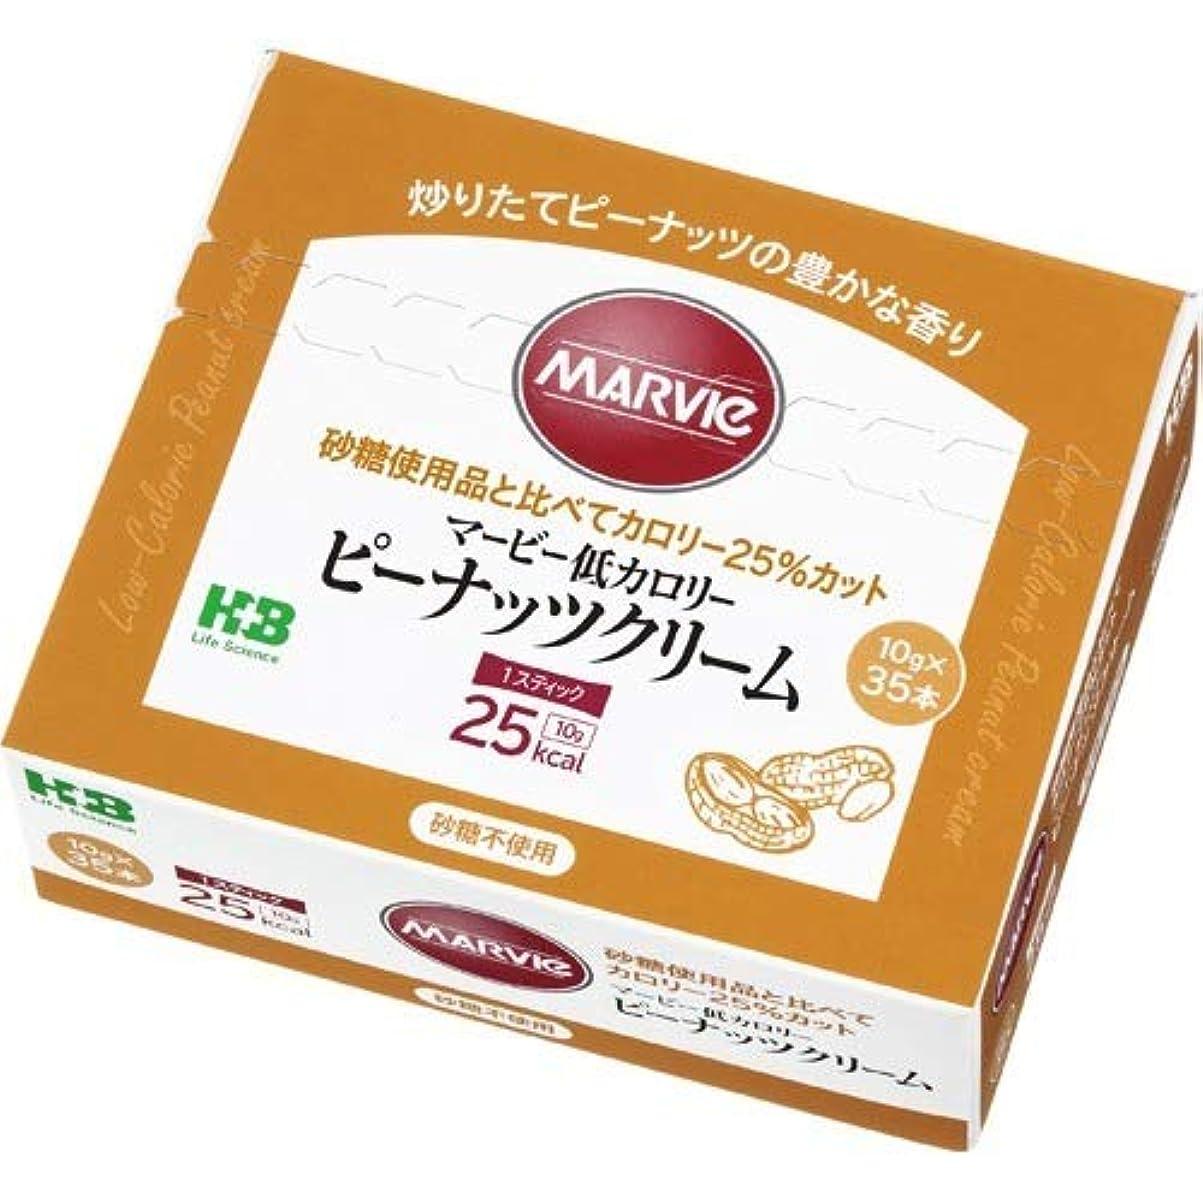 小麦粉スペア予備マービー ピーナッツクリーム スティックタイプ 10gx35包入